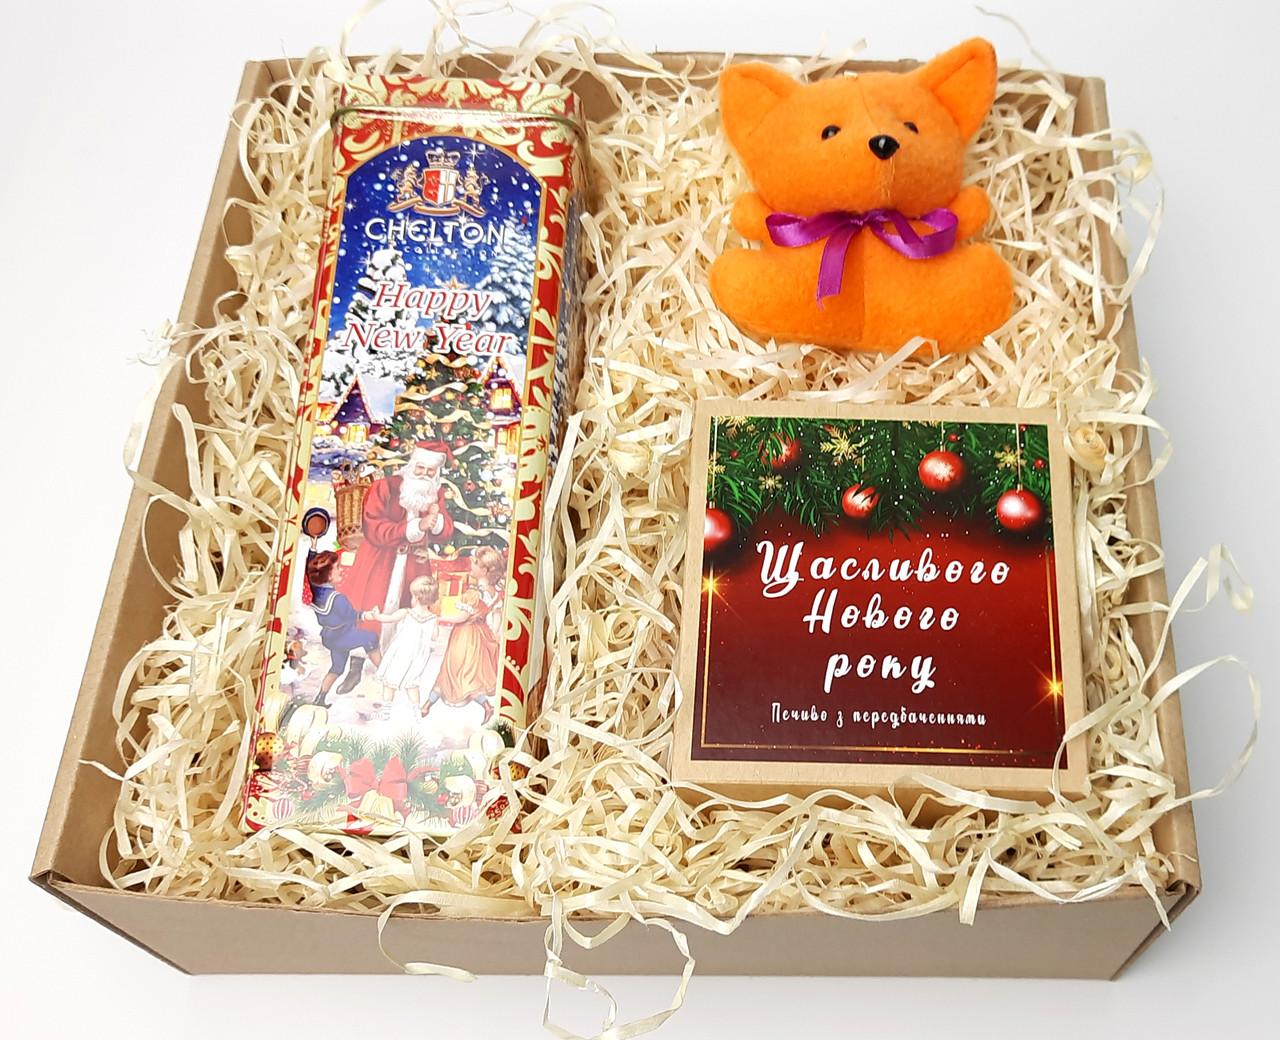 """Бокс новогодний  """"Счастье приносит Лисенок"""": новогоднее печенье с предсказаниями, набор чая, лисенок-талисман"""